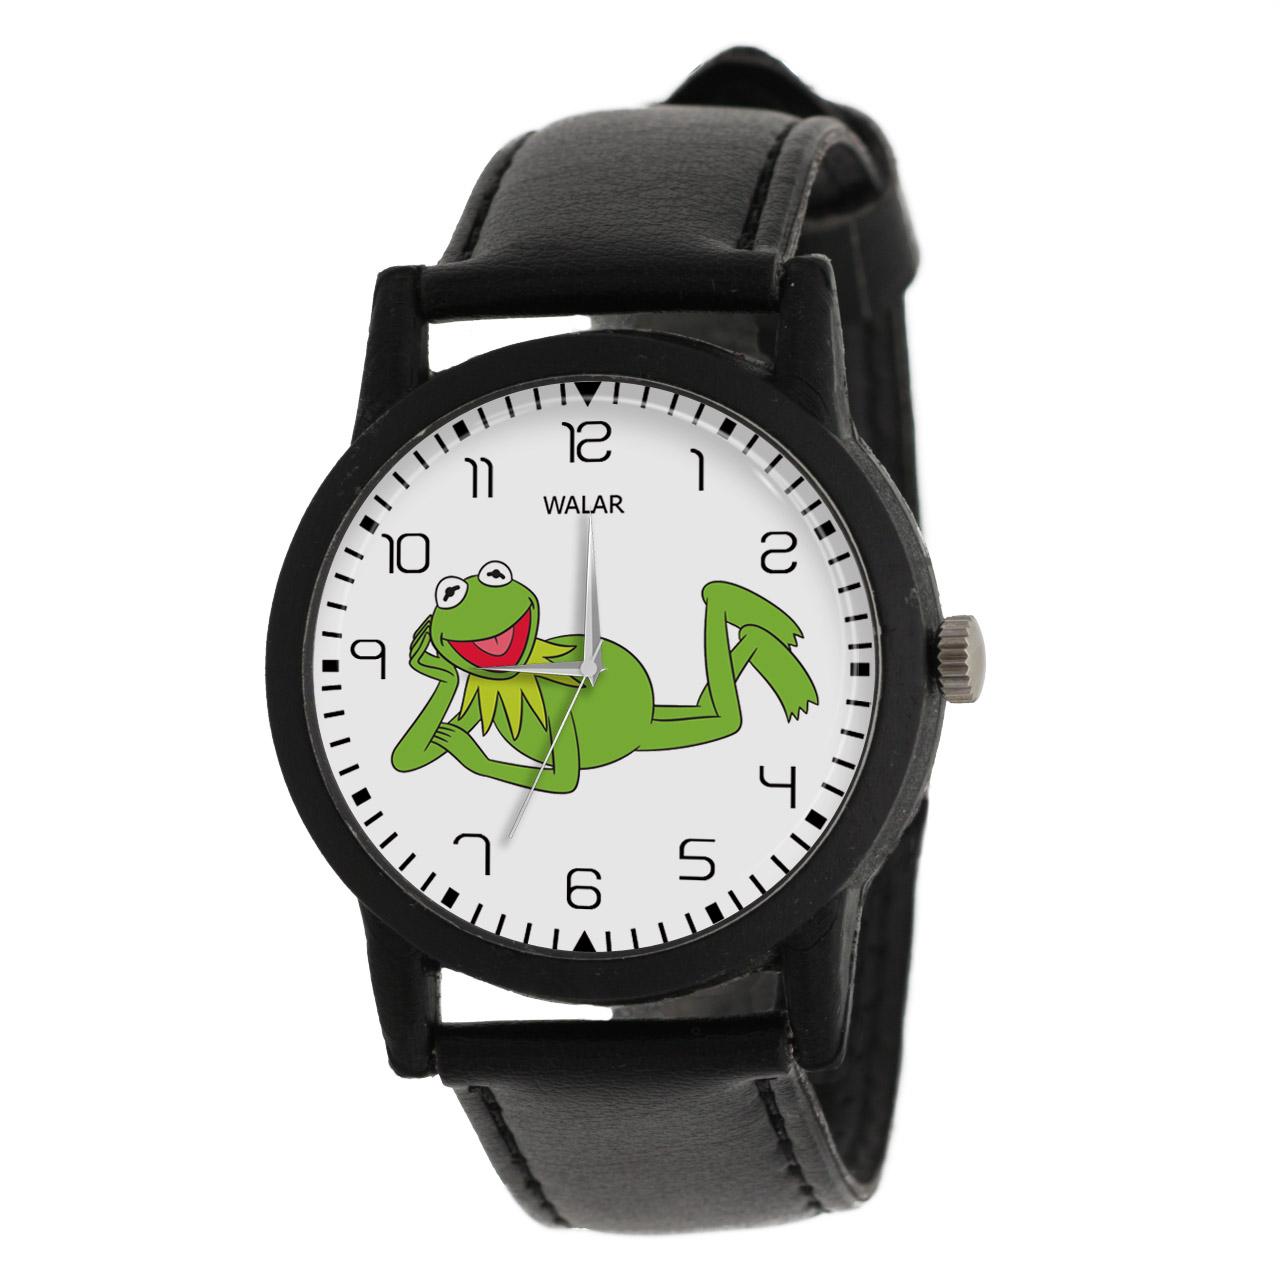 ساعت مچی عقربه ای والار طرح کرمیت کد LF2485              خرید (⭐️⭐️⭐️)